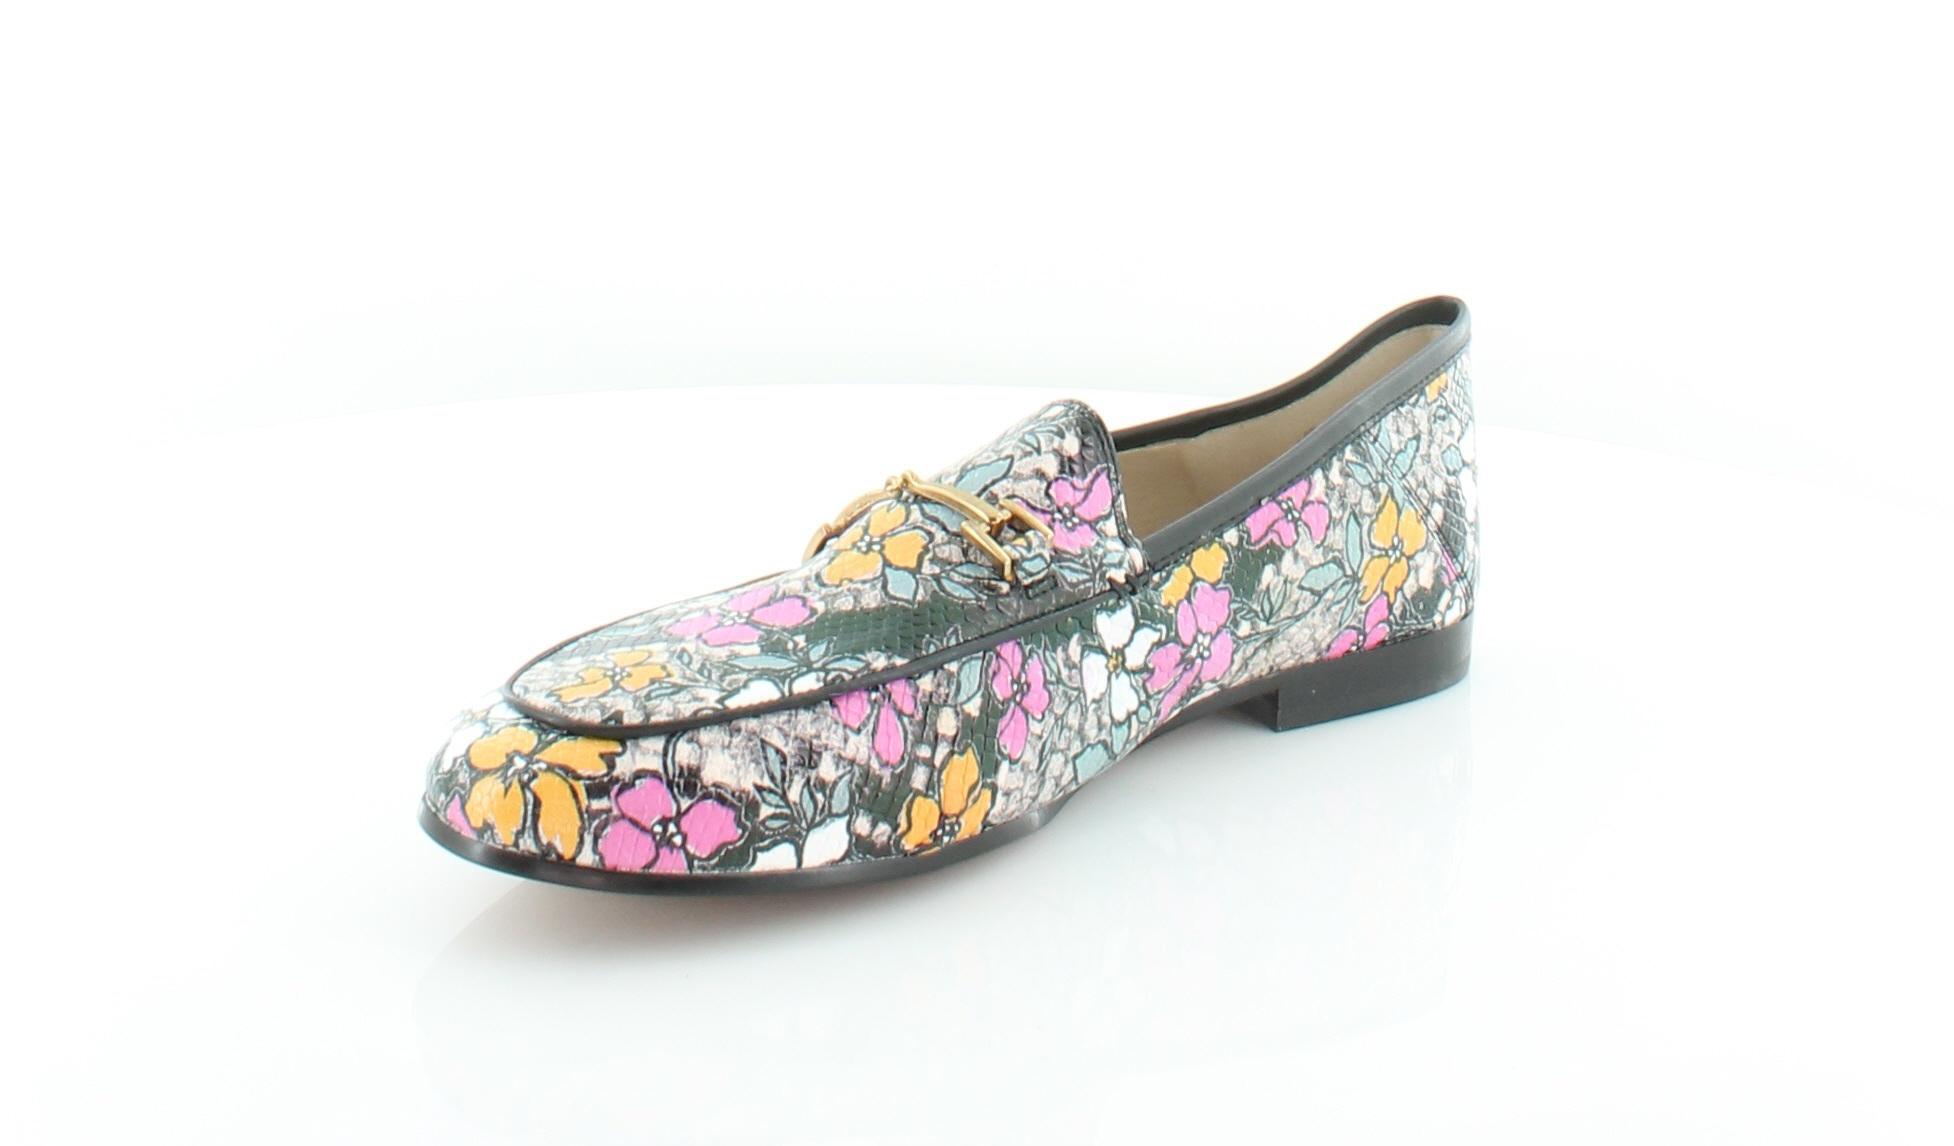 Sam Edelman Loraine Negro Zapatos precio para mujer Talla 8.5 M pisos precio Zapatos minorista sugerido por el fabricante  120 340757